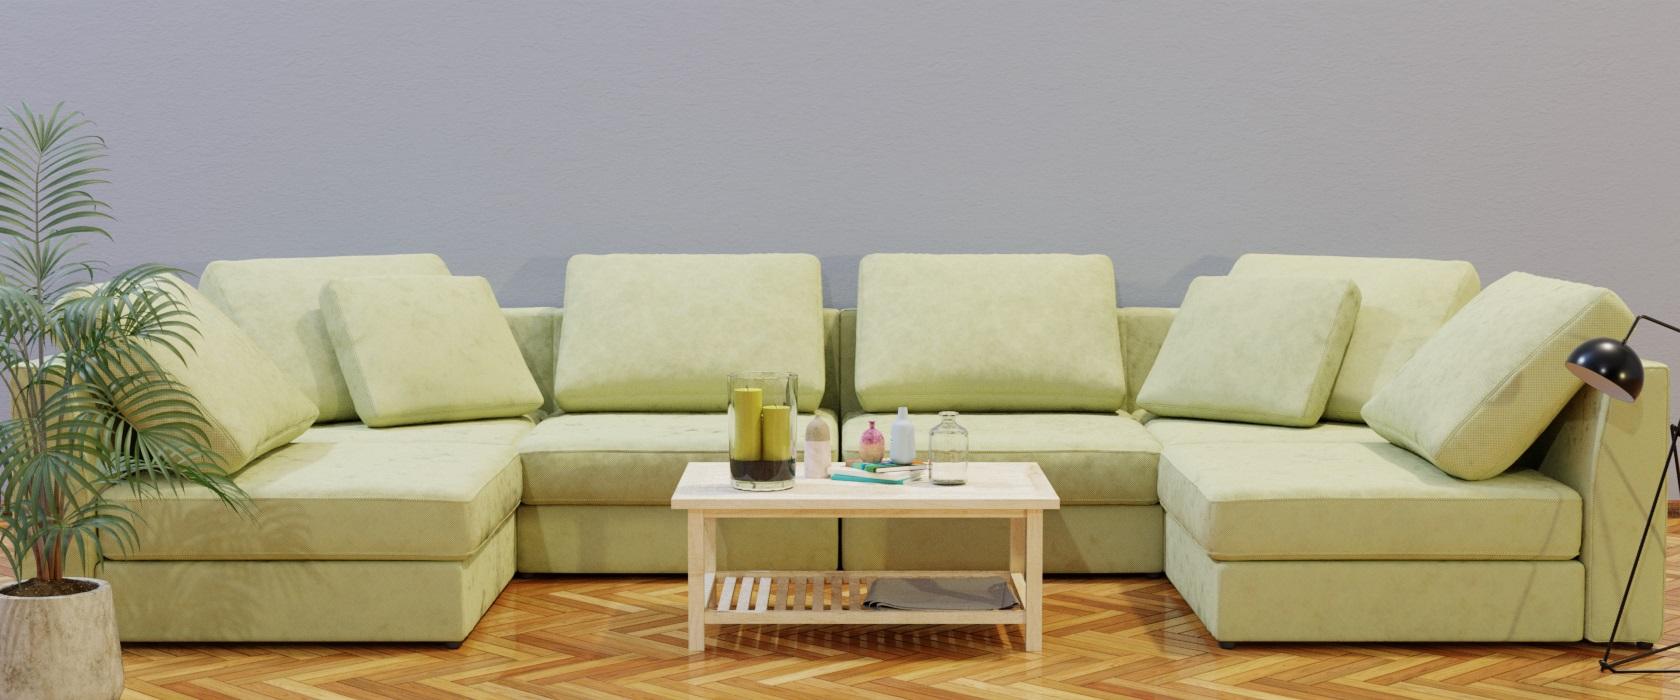 Модульный диван Lisboa 396x198 - Фото 2 - Pufetto